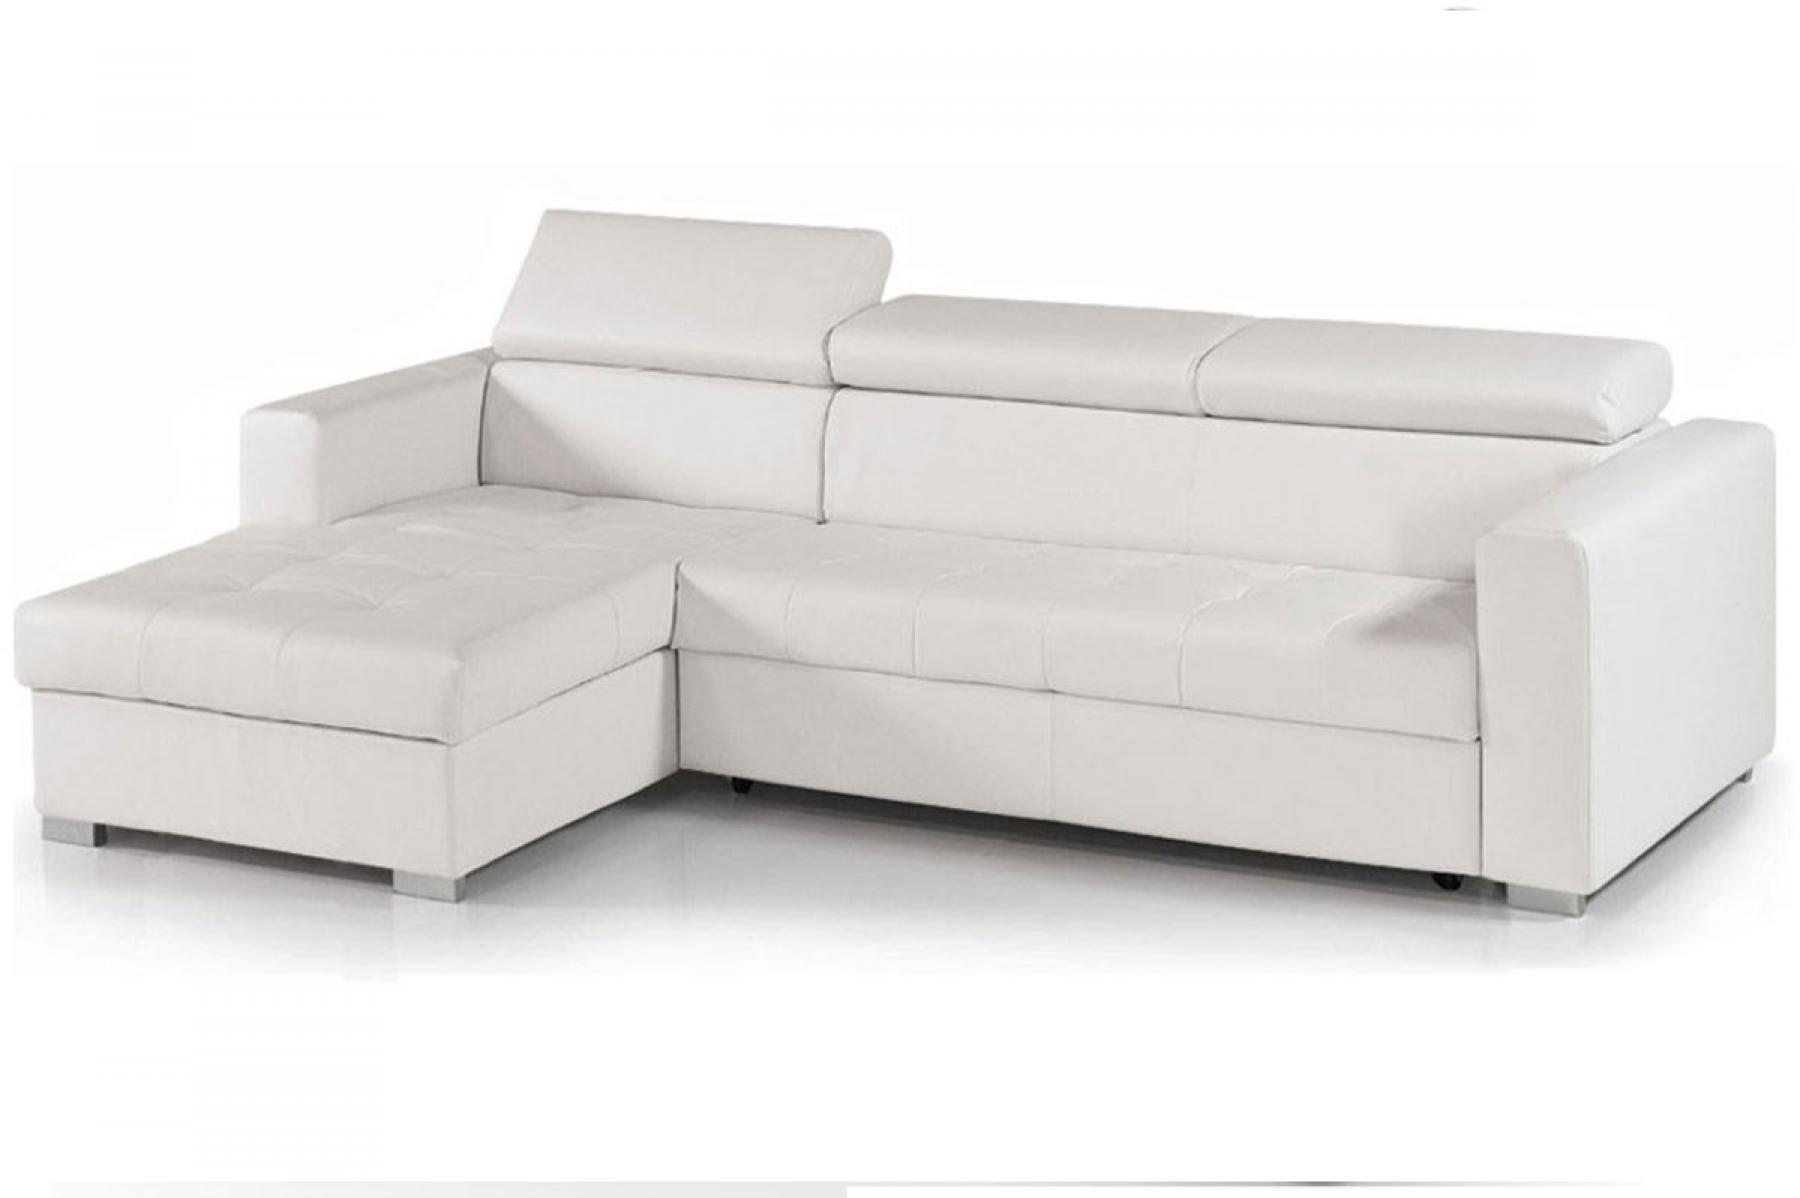 Ikea Canapé Friheten Nouveau Stock Canap Petit Angle Teinture Pour Canap En Cuir Lovely Waitro Page